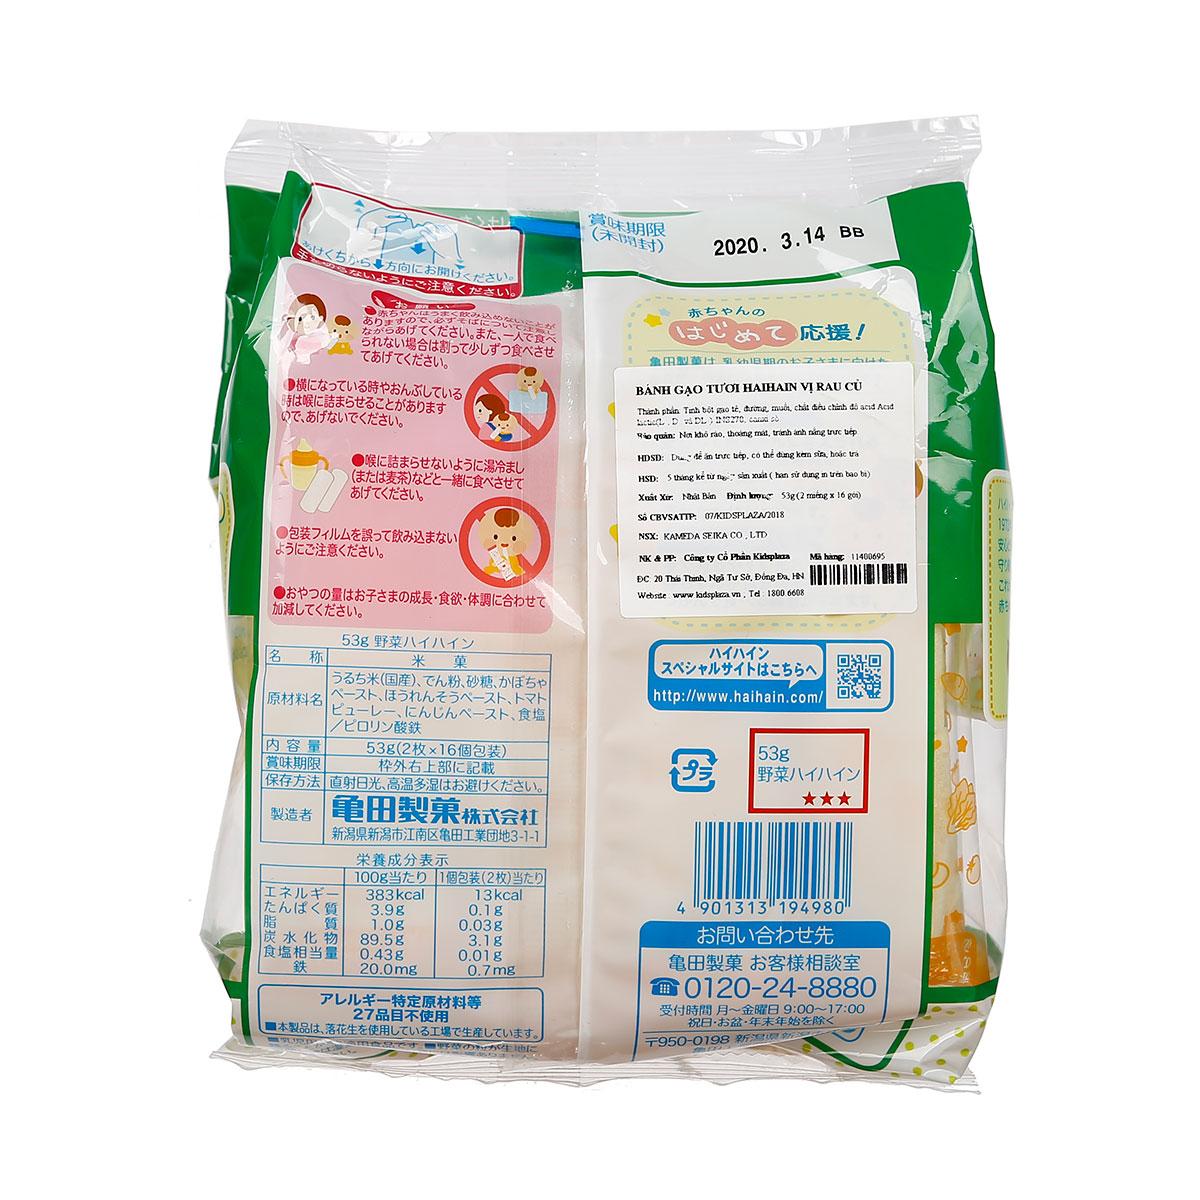 Các ưu điểm nổi bật của bánh gạo tươi Nhật Haihain